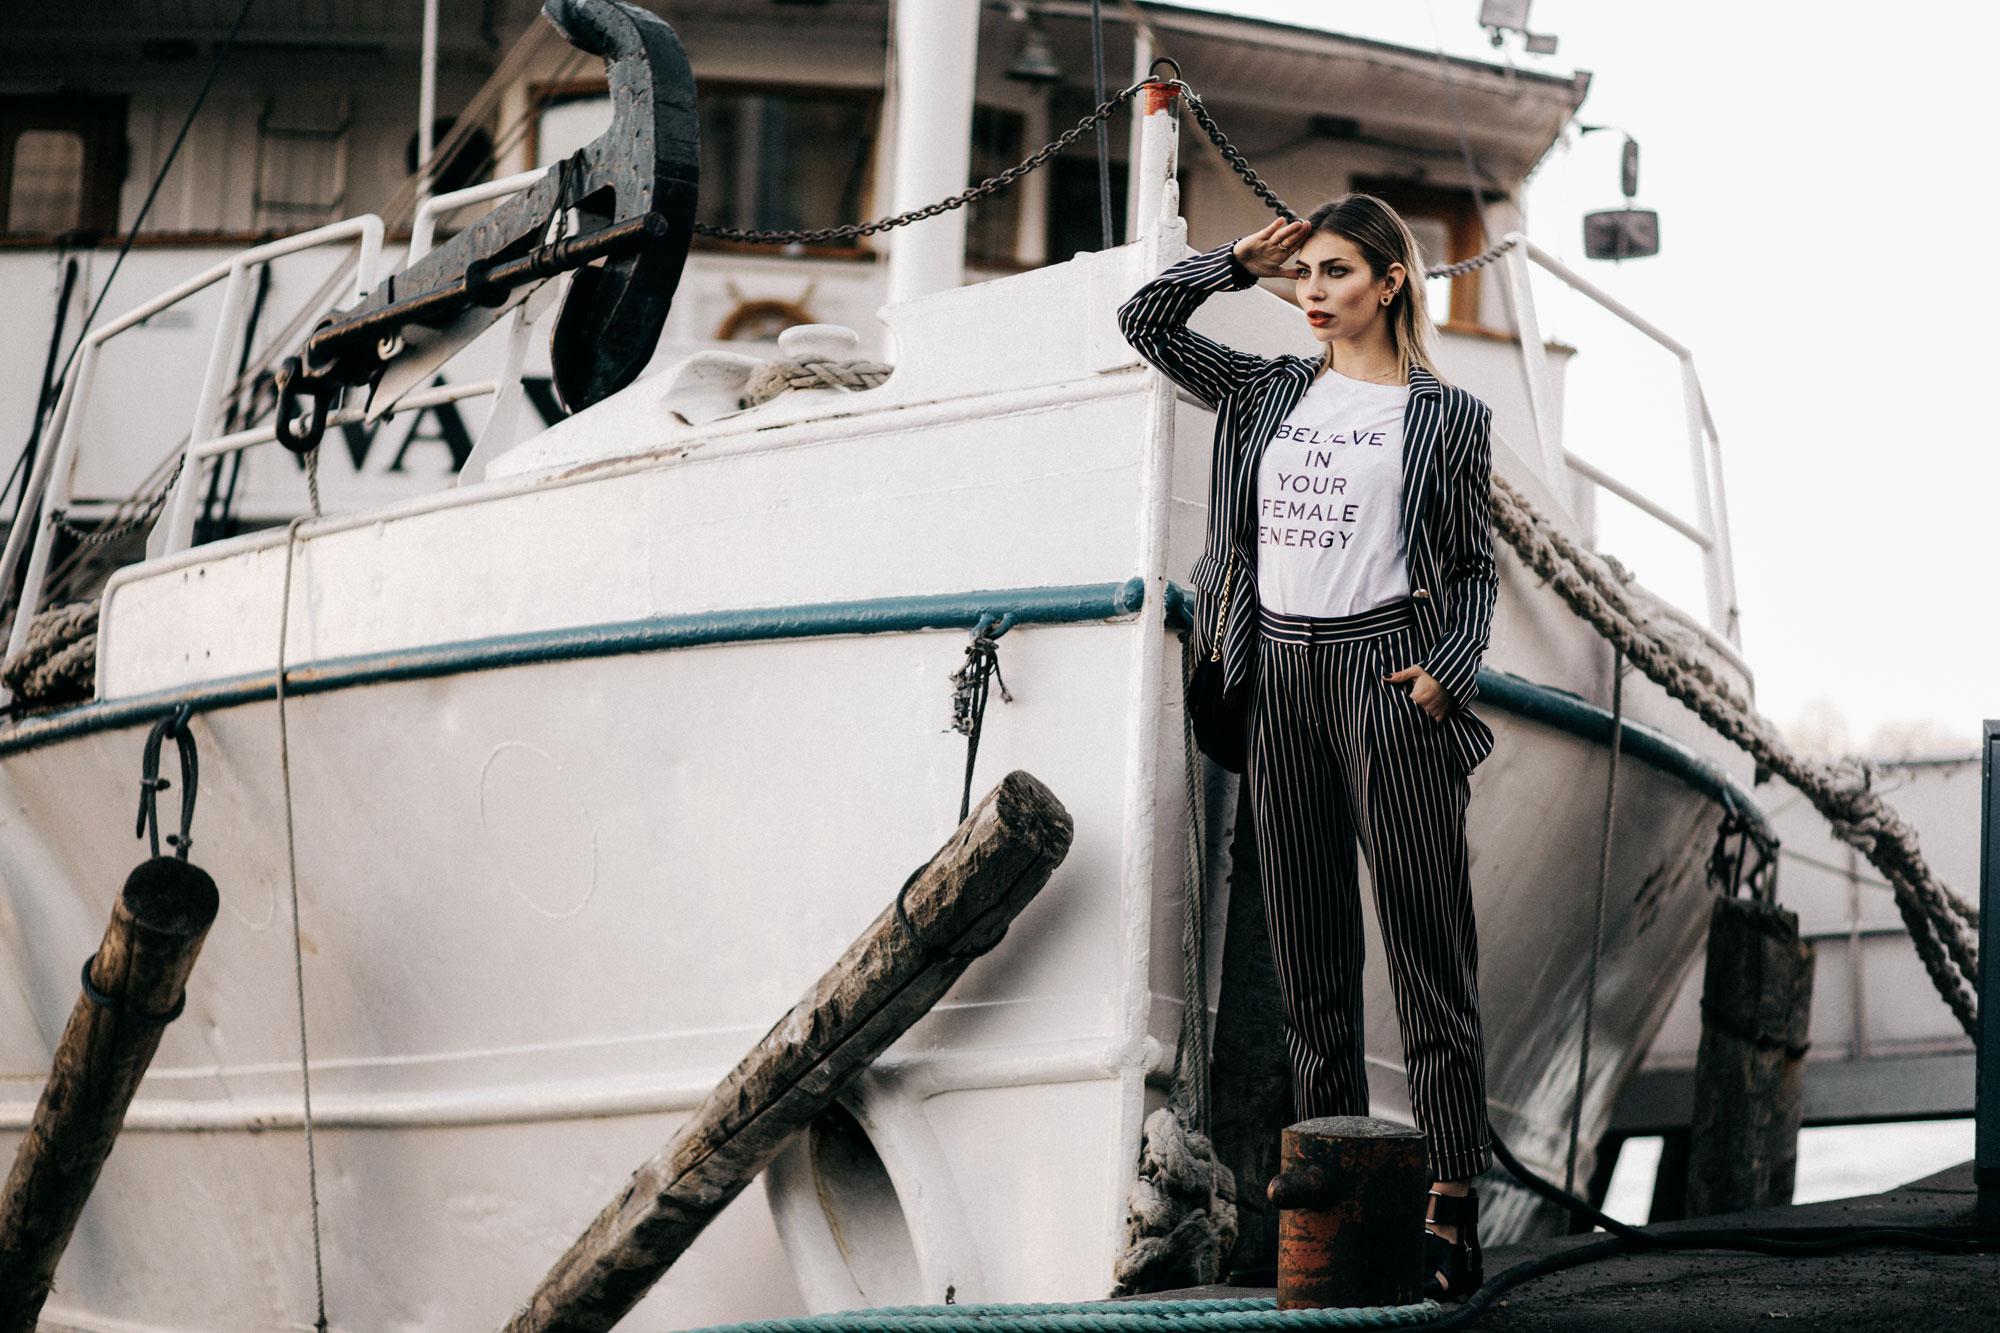 Как достичь своих целей за 3 шага | образ: костюм от Max & Co by Olivia Palermo, открытые ботинки от 3.1 Phillip Lim | стиль:  полосатый, денди, деловой, девочка-сорванец, рубашка